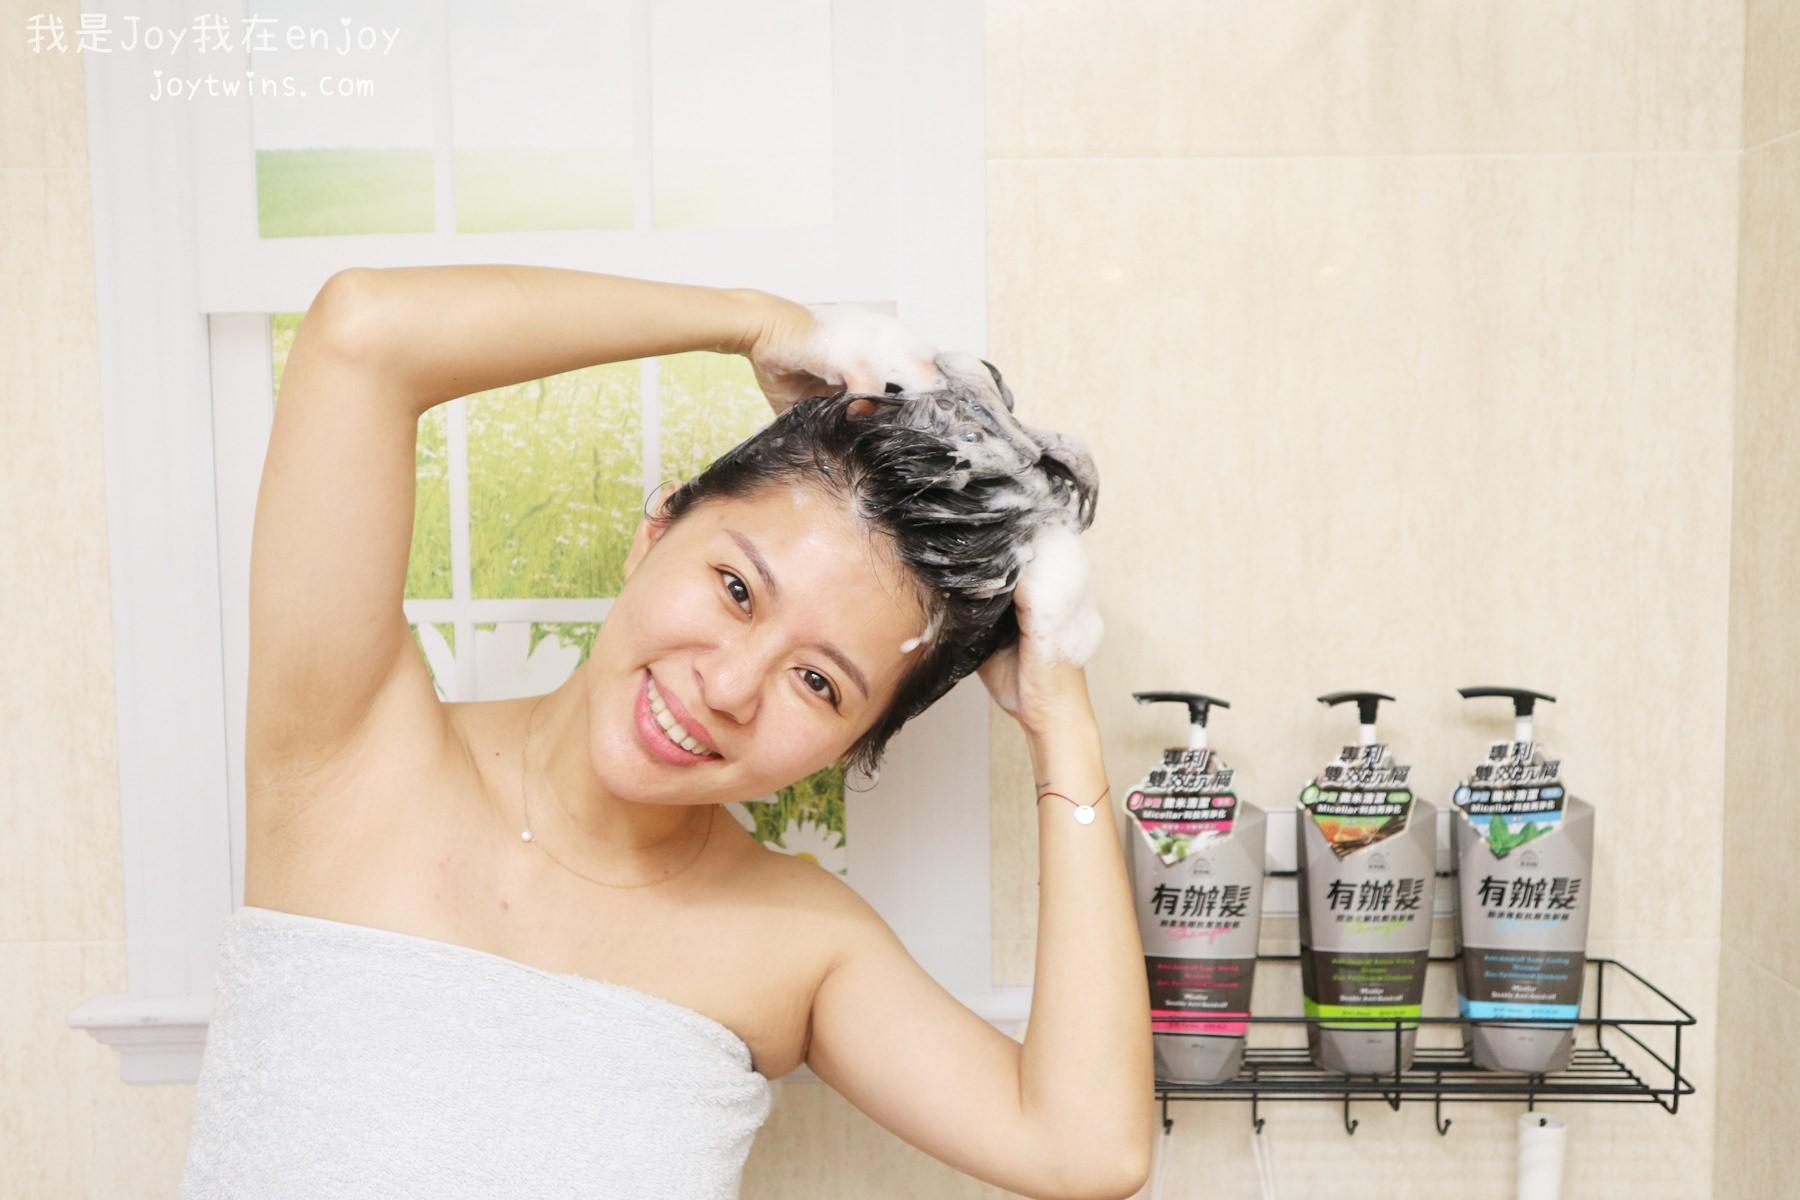 【髮品】皮膚科醫師推薦的抗屑洗髮精 ▪ 美吾髮有辦髮 抗屑系列要蓬鬆、要控油、要絲滑 通通有辦法!